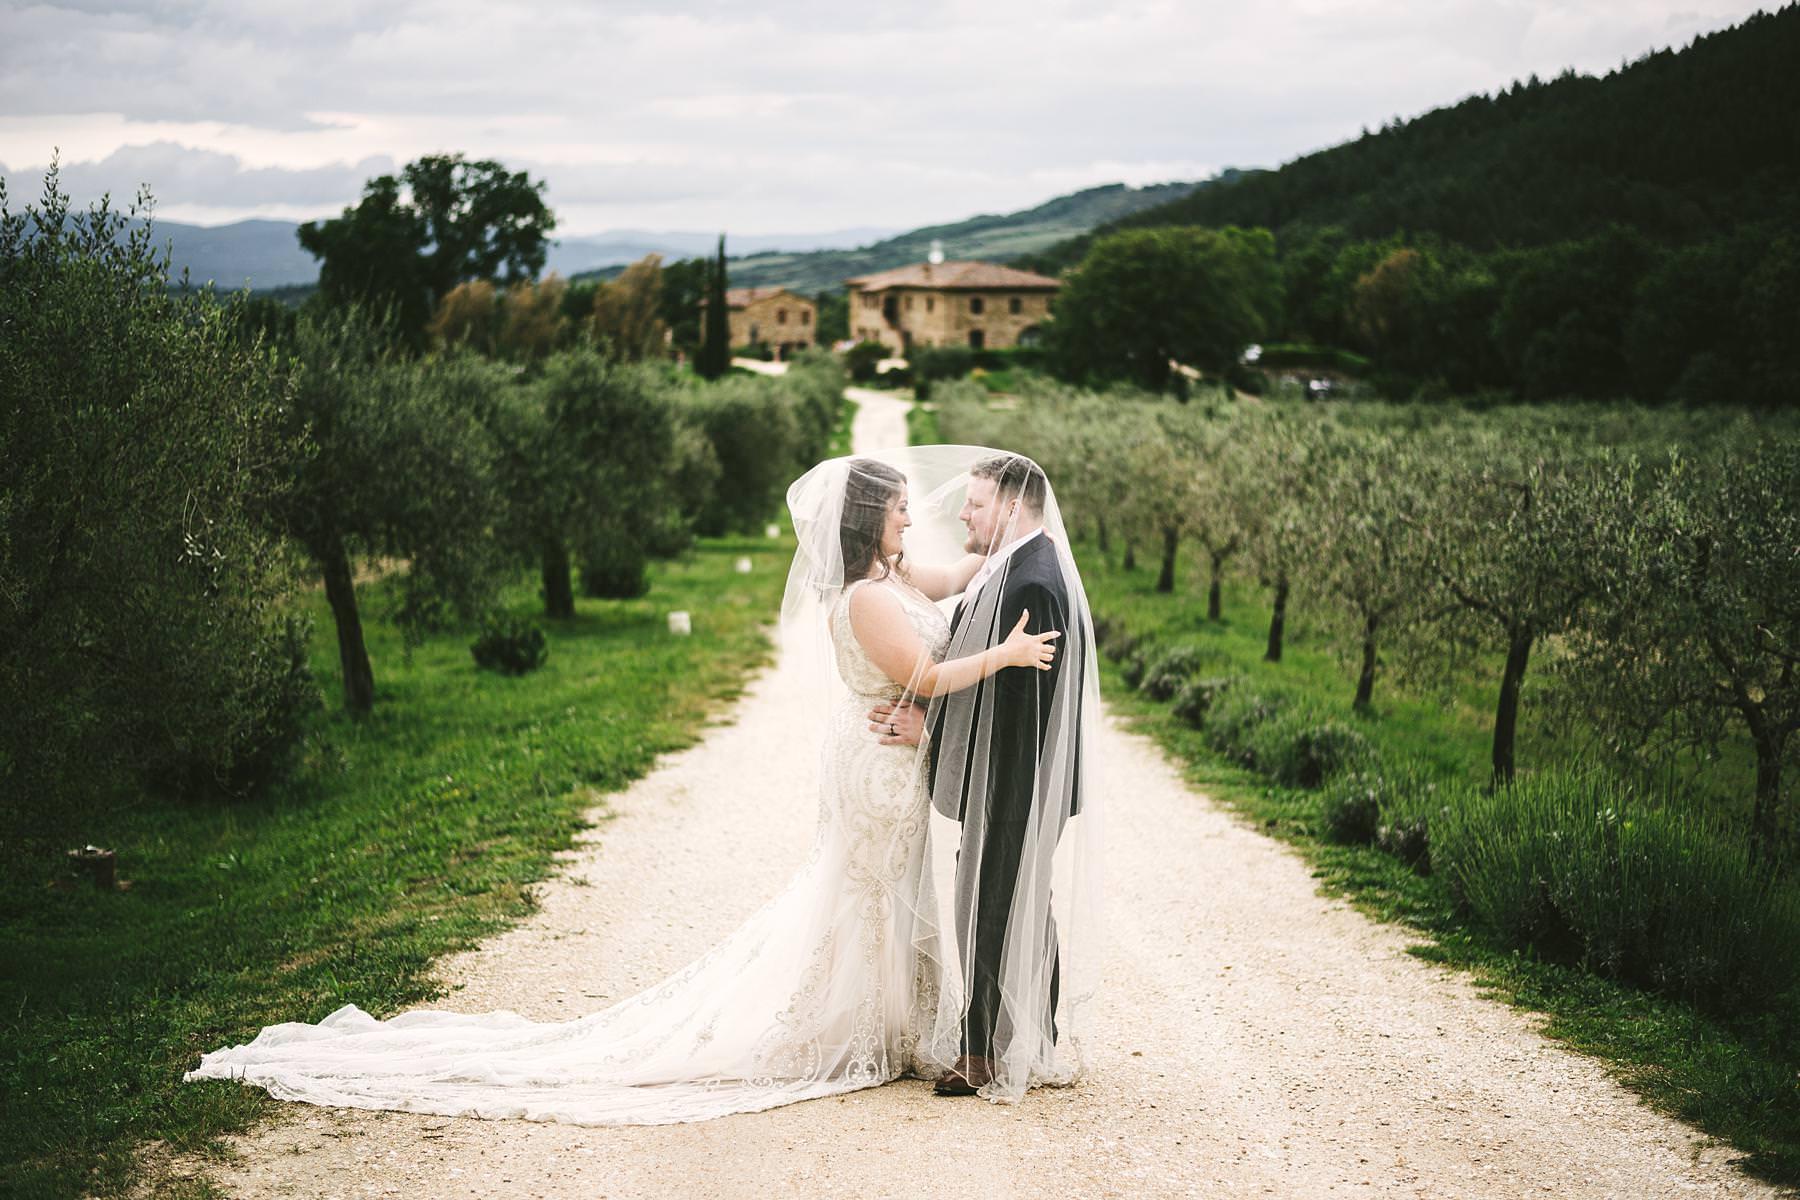 Beautiful bride and groom wedding photo in the white street of Villa Le Bolli venue near Radicondoli